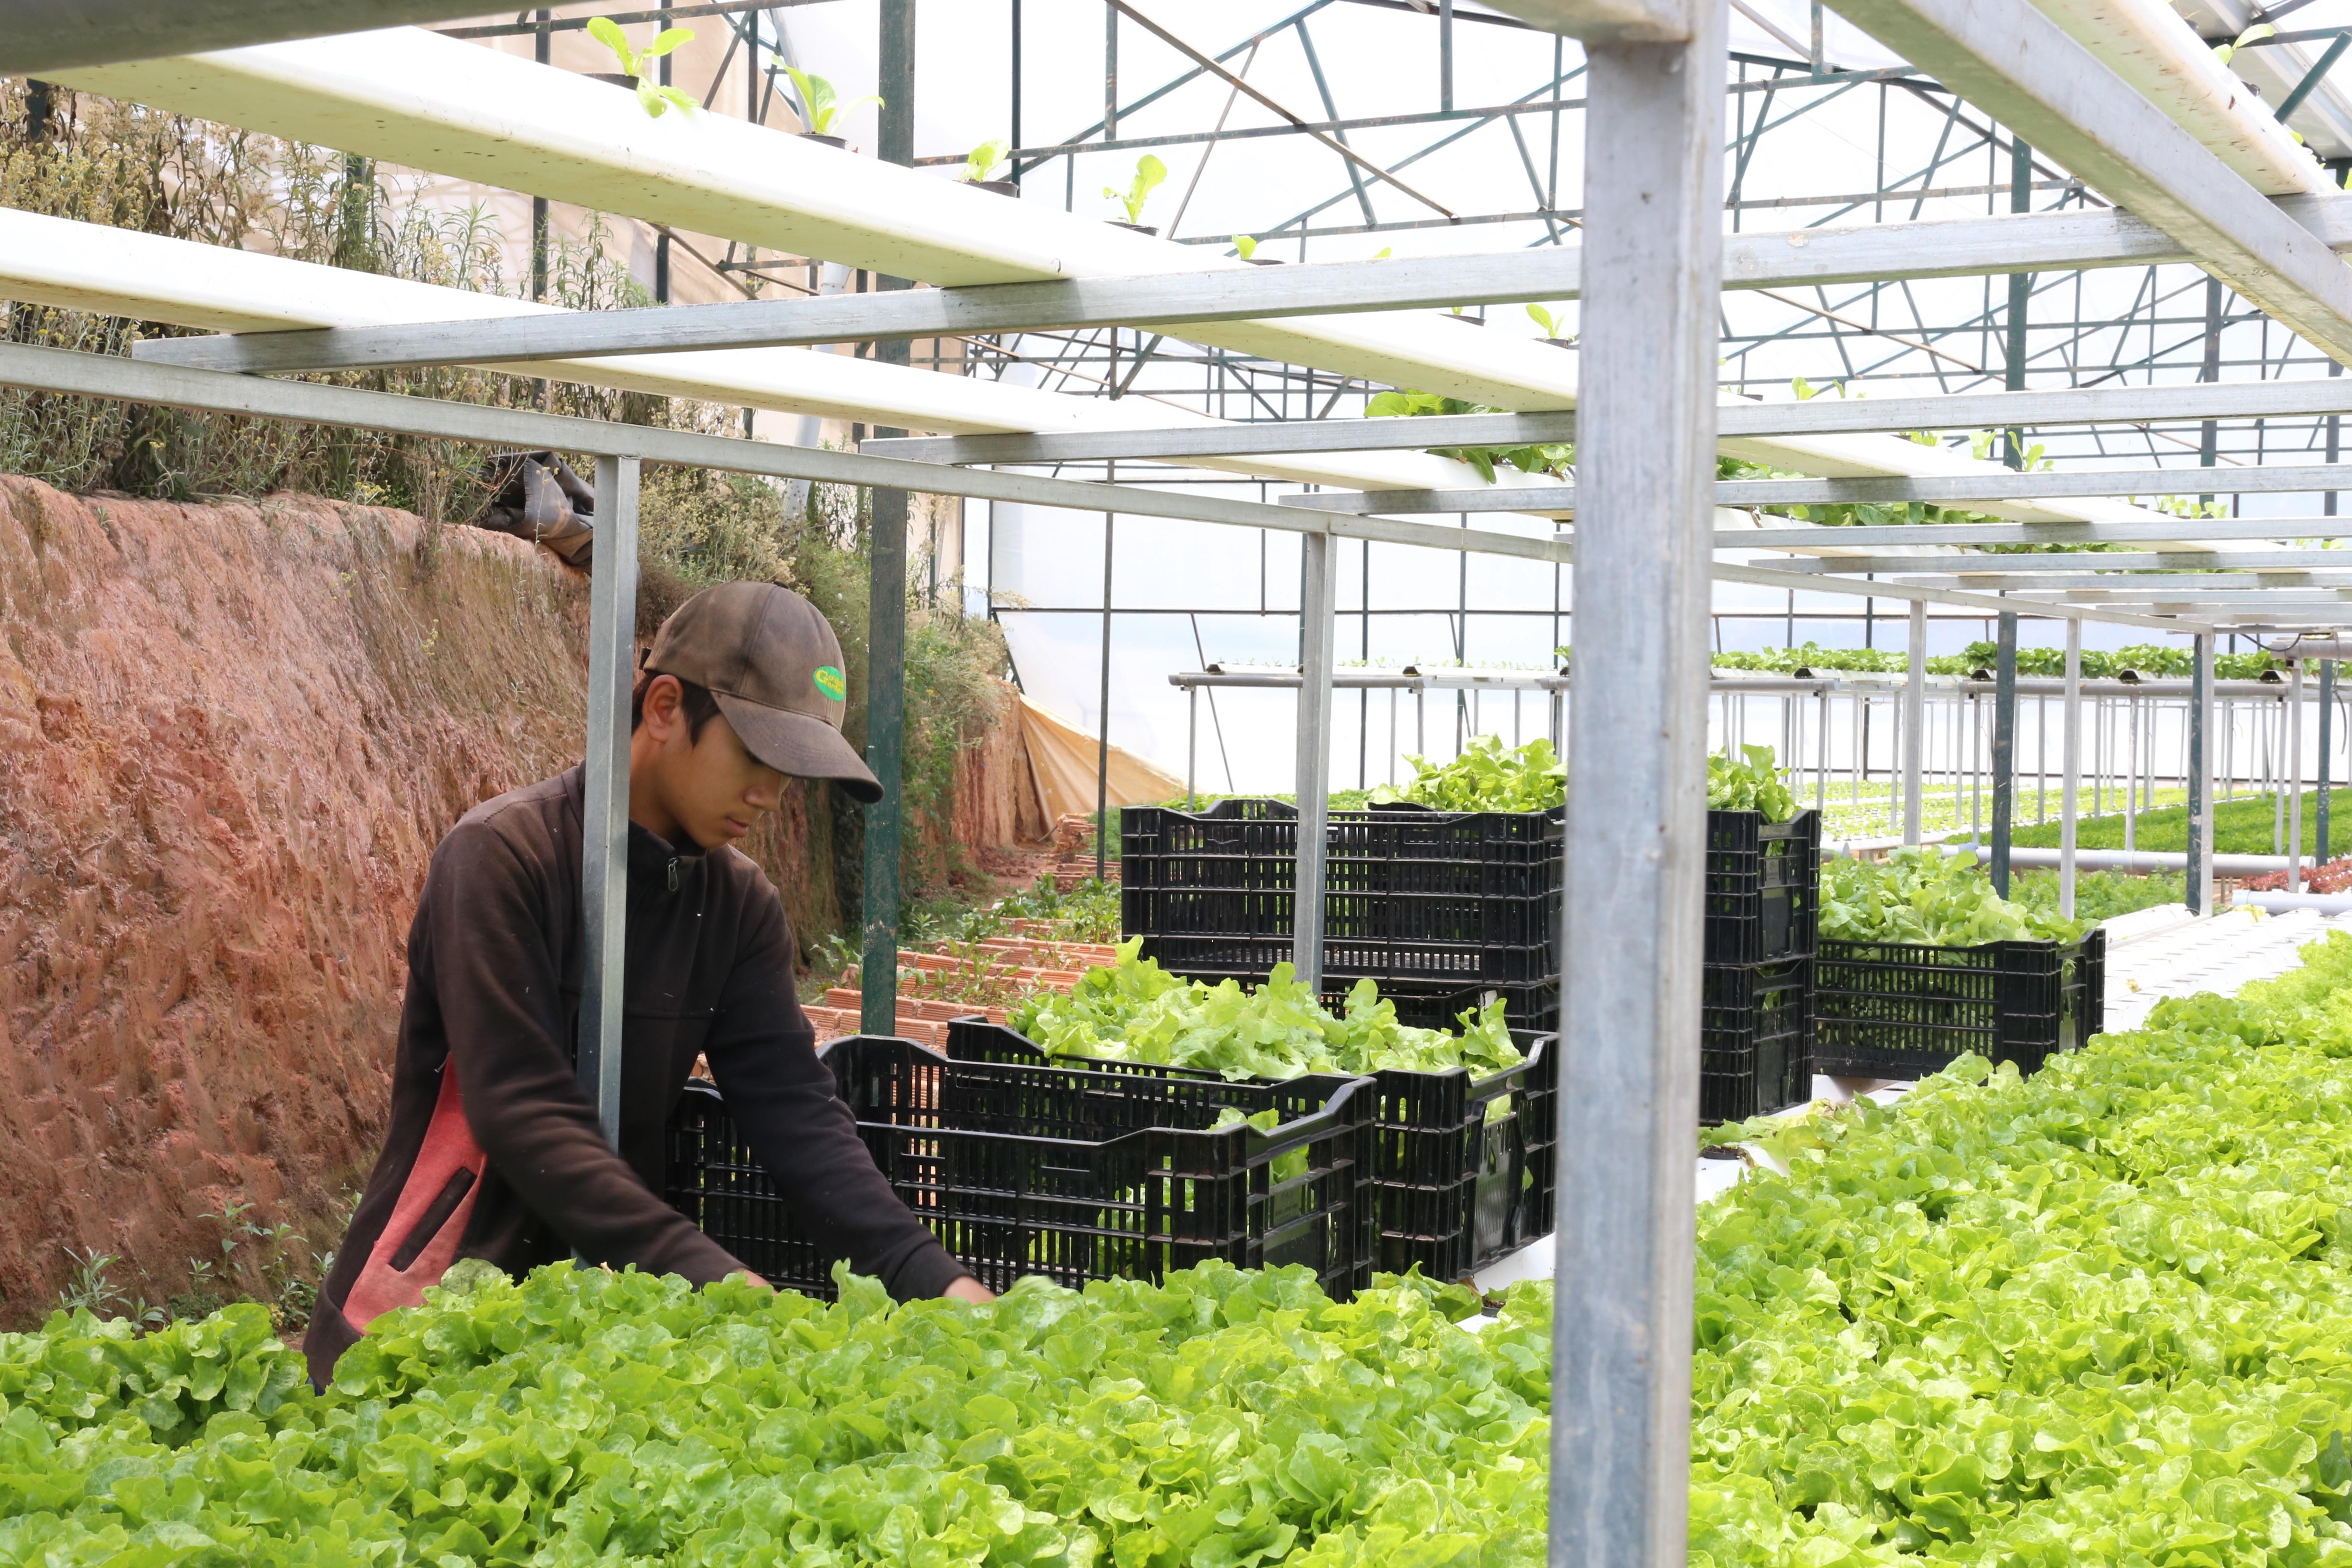 Kết quả điều tra nước ngầm giúp cho UBND tỉnh Lâm Đồng có kế hoạch phát triển nông nghiệp công nghệ cao hiệu quả hơn (Trong ảnh: Sản xuất rau ở doanh nghiệp Kim Bằng. Ảnh: Hảo Linh